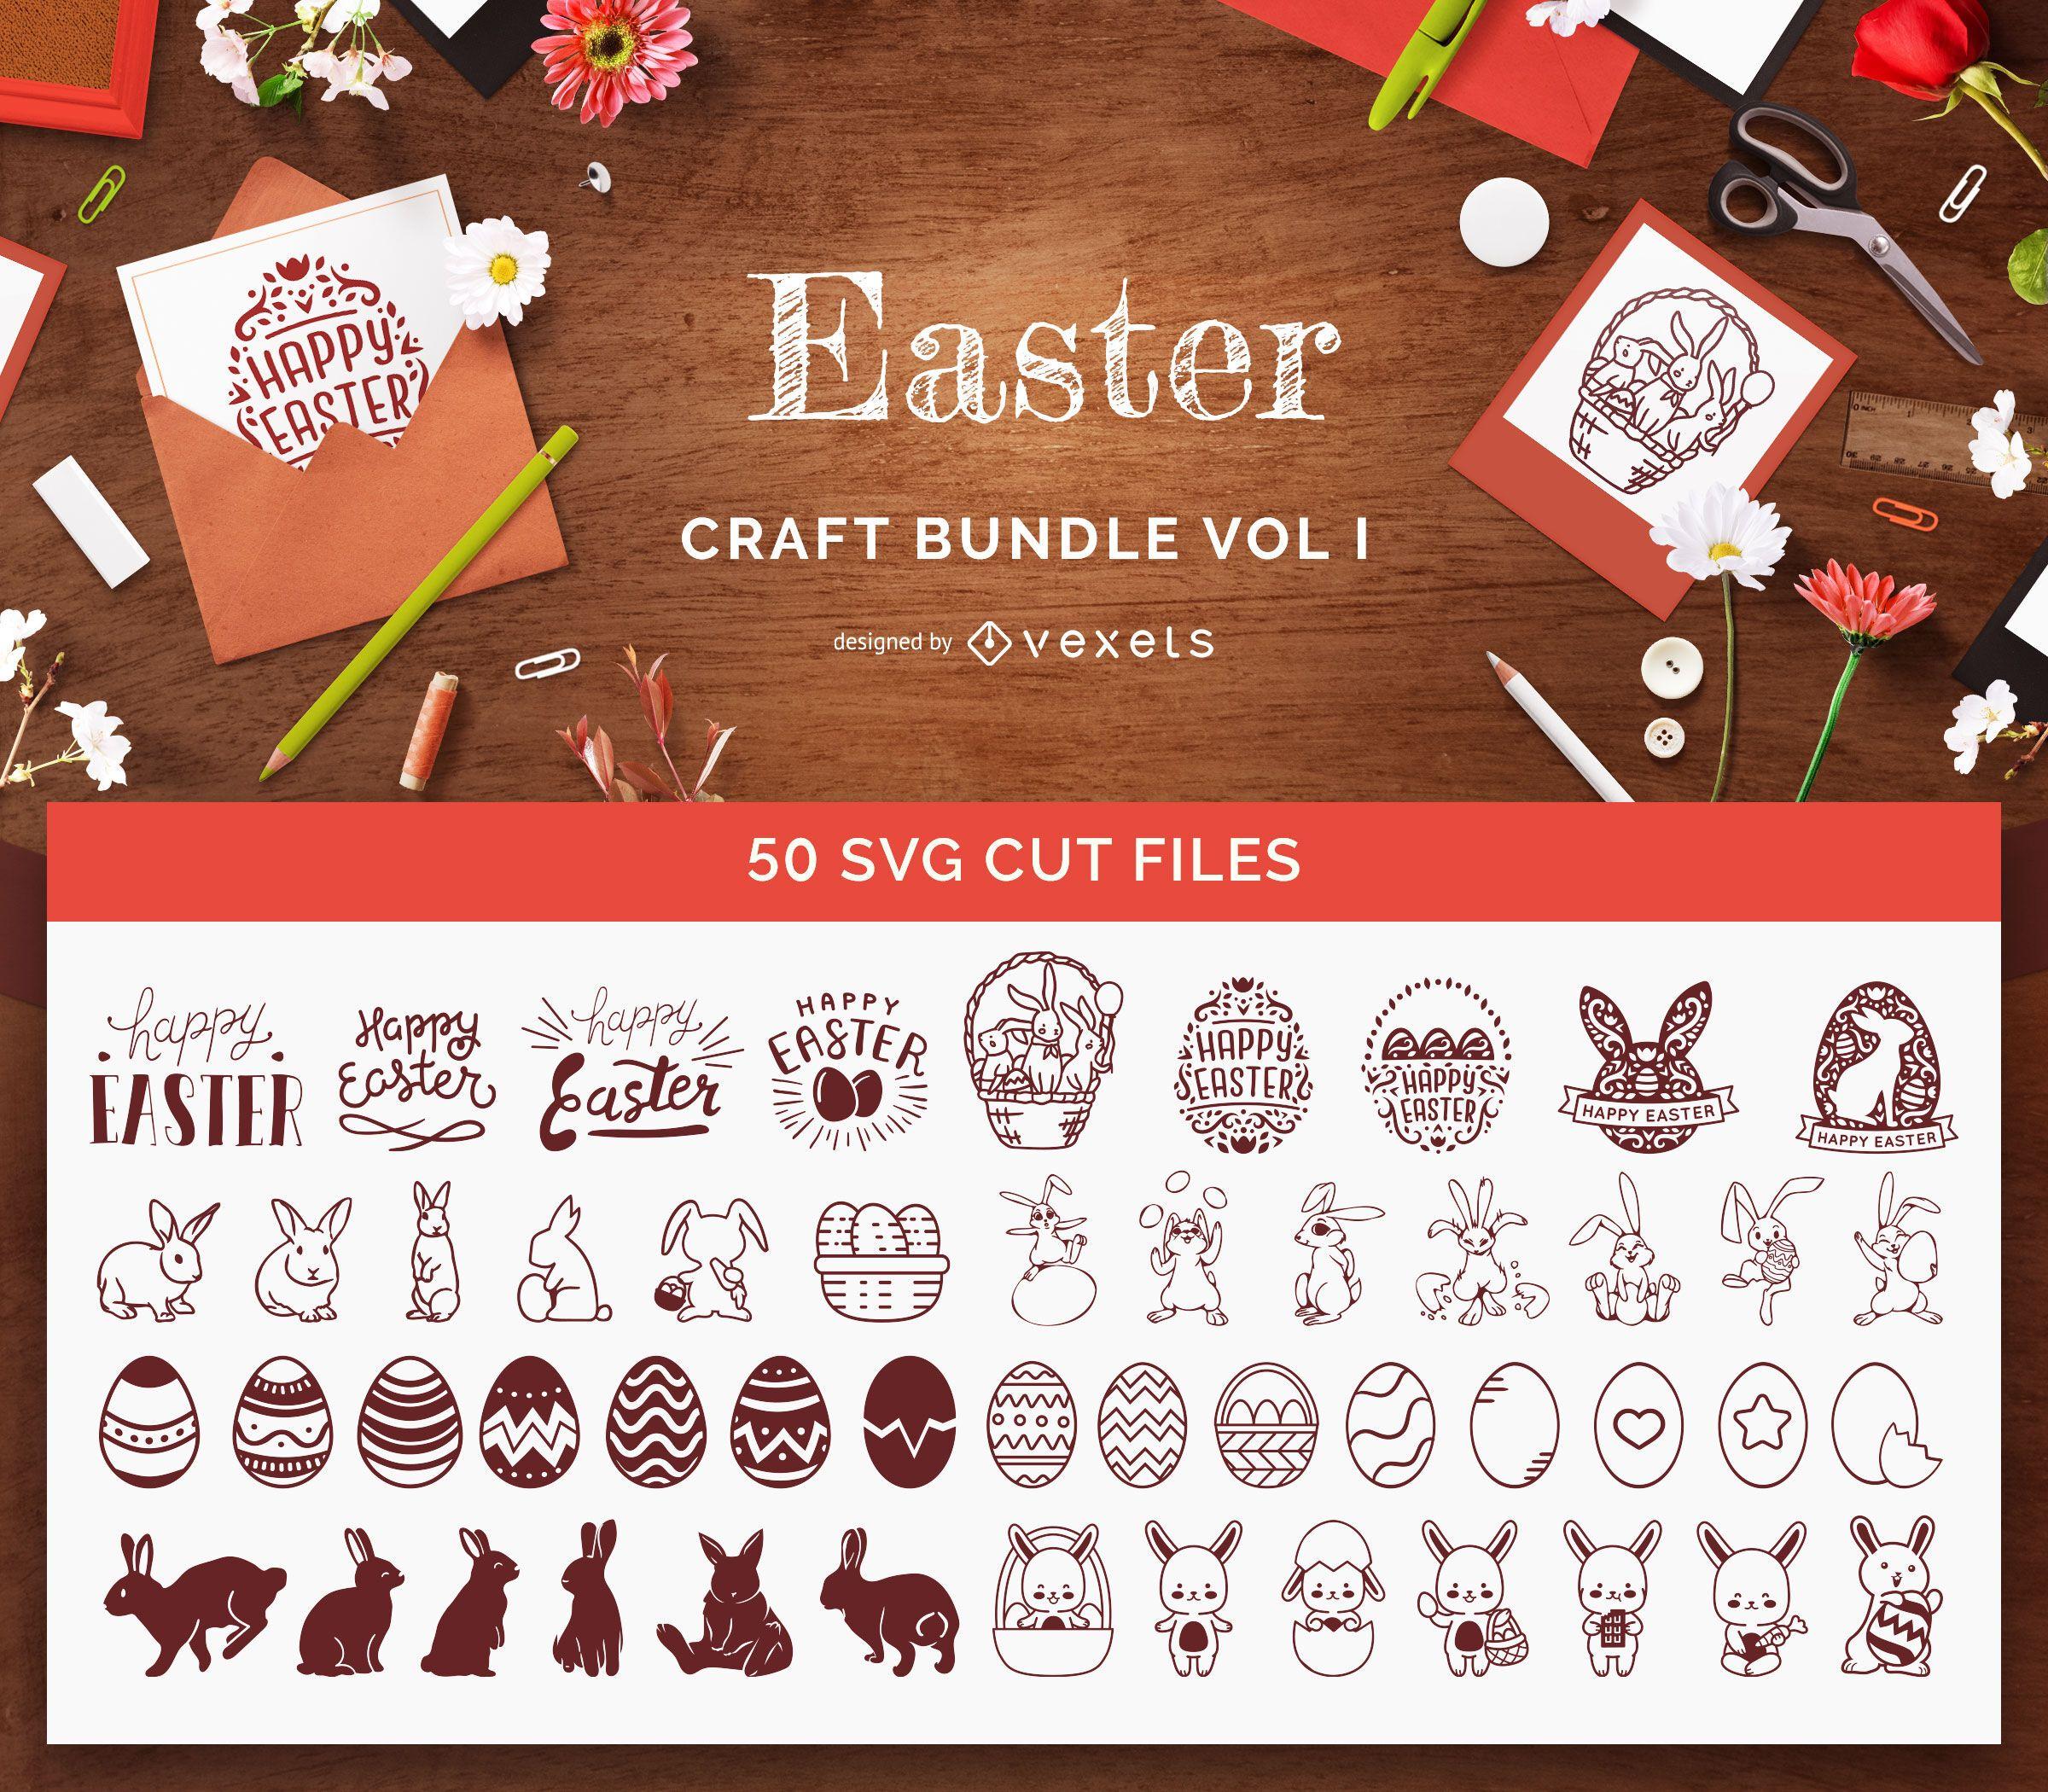 Paquete de manualidades de Pascua Vol1